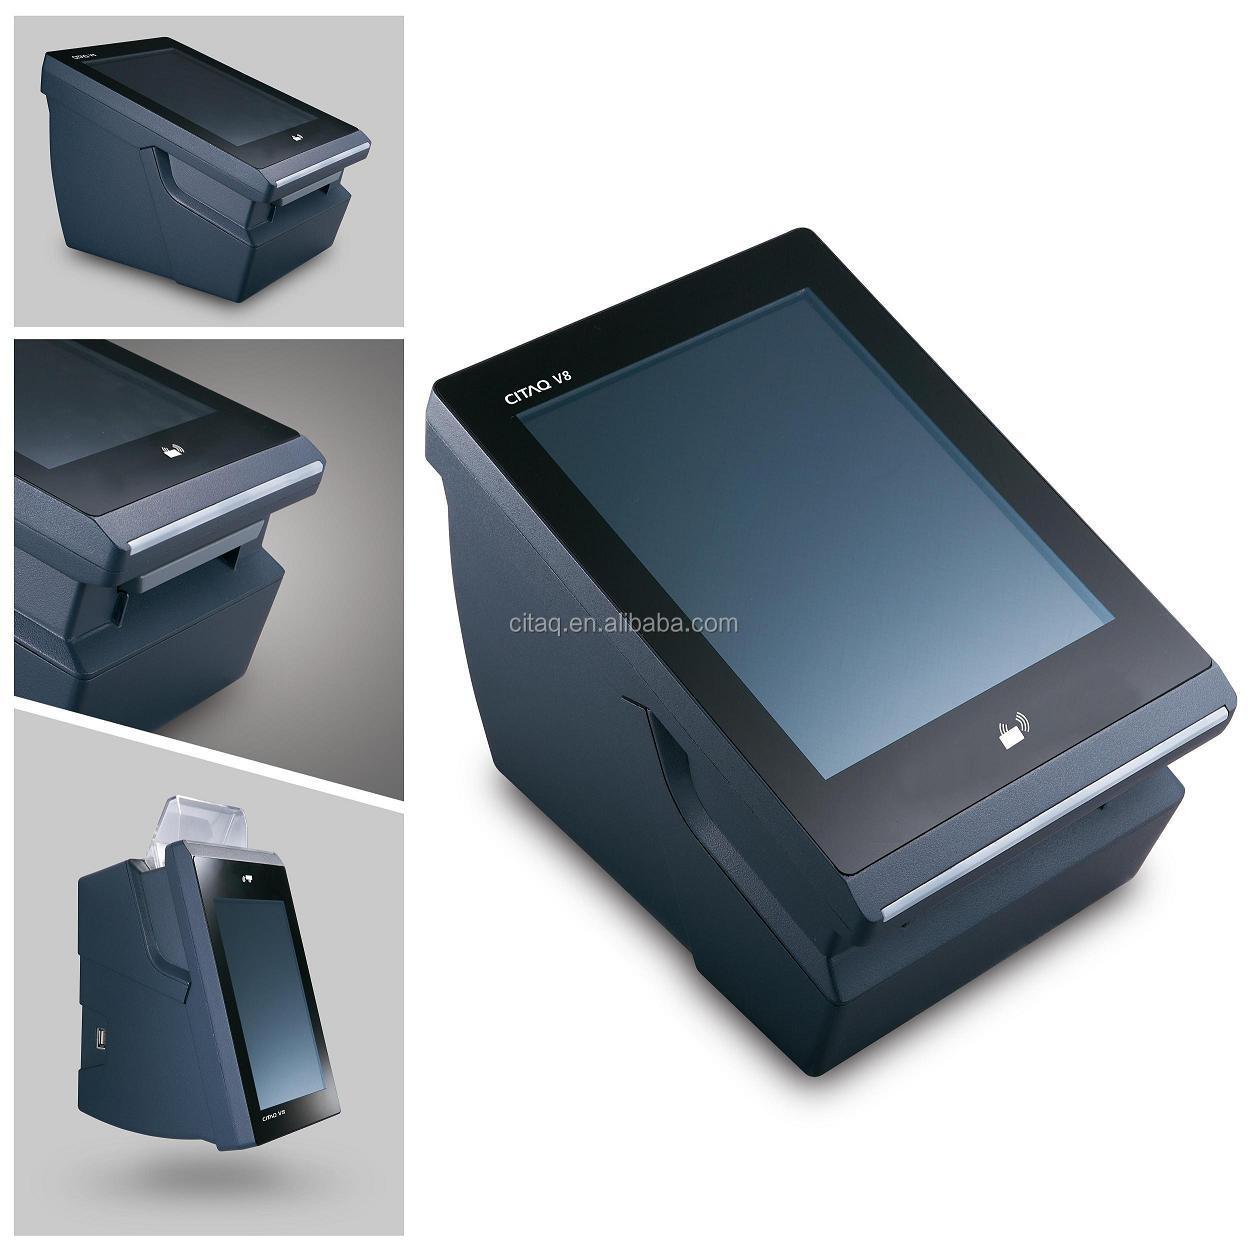 CITAQ V8 Android OS Tablet POS System.jpg